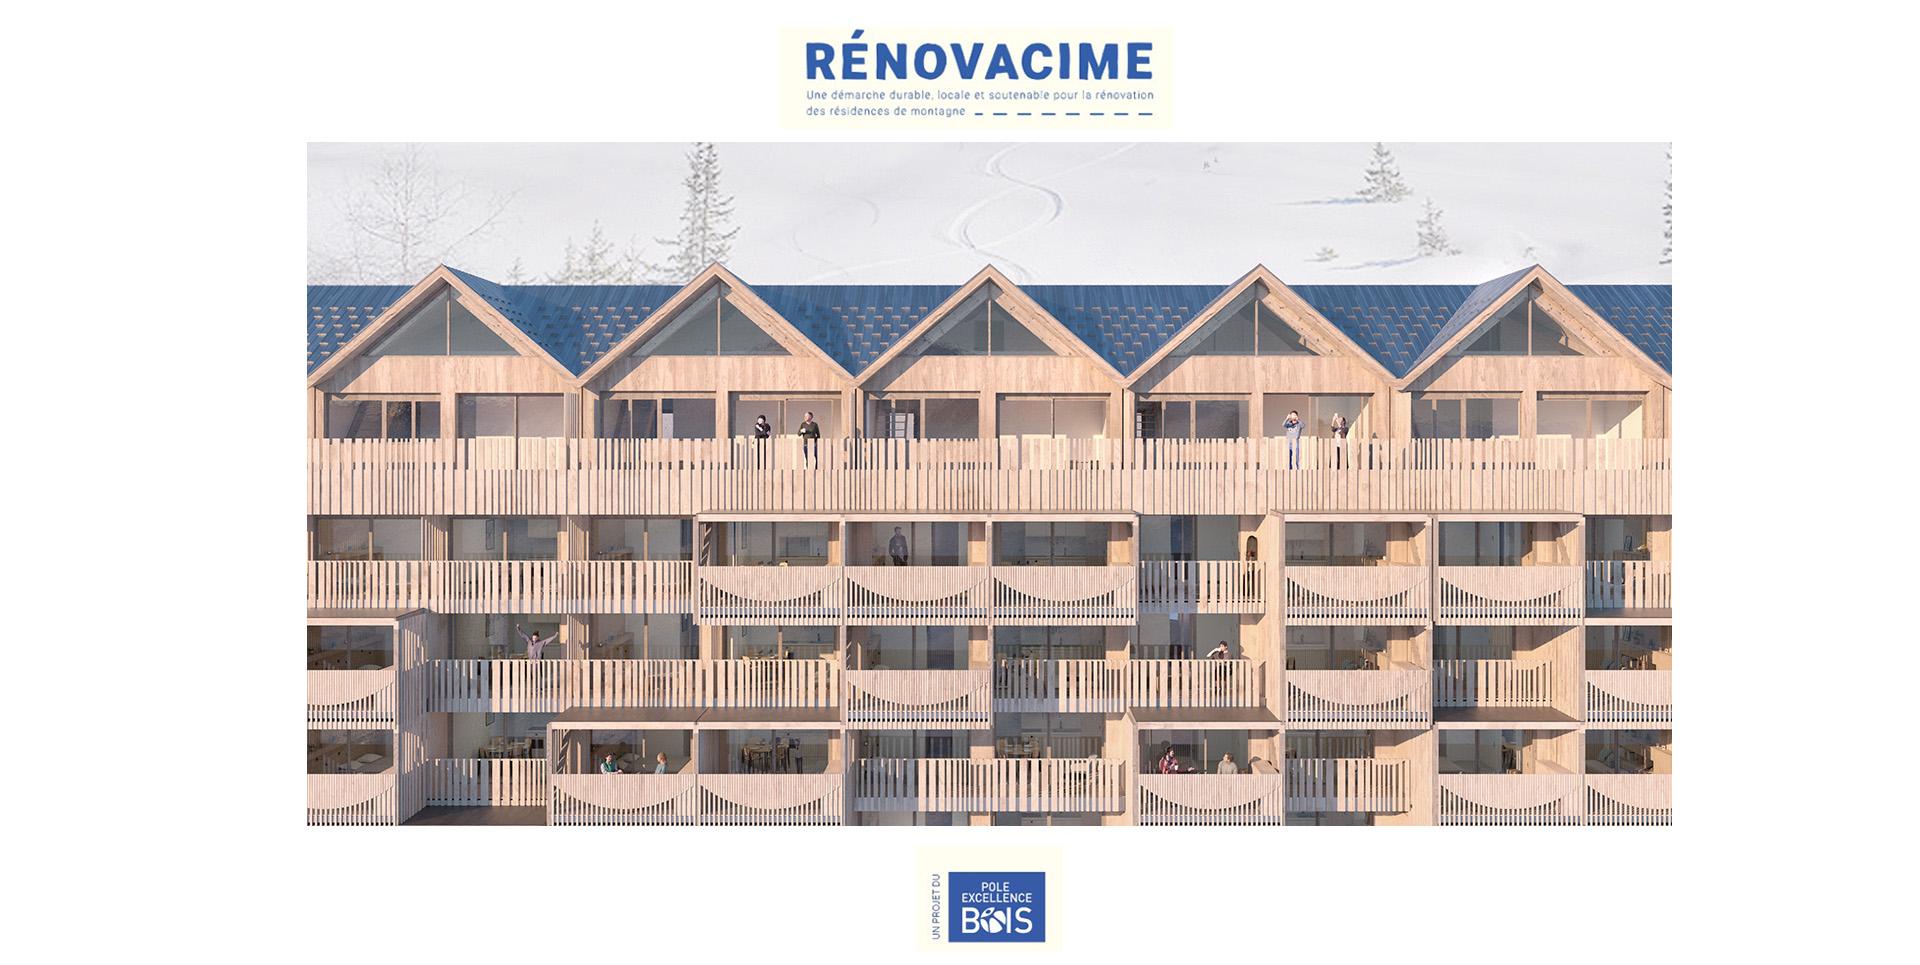 Visite virtuelle : Renovacime, rénovation de résidences en montagne.